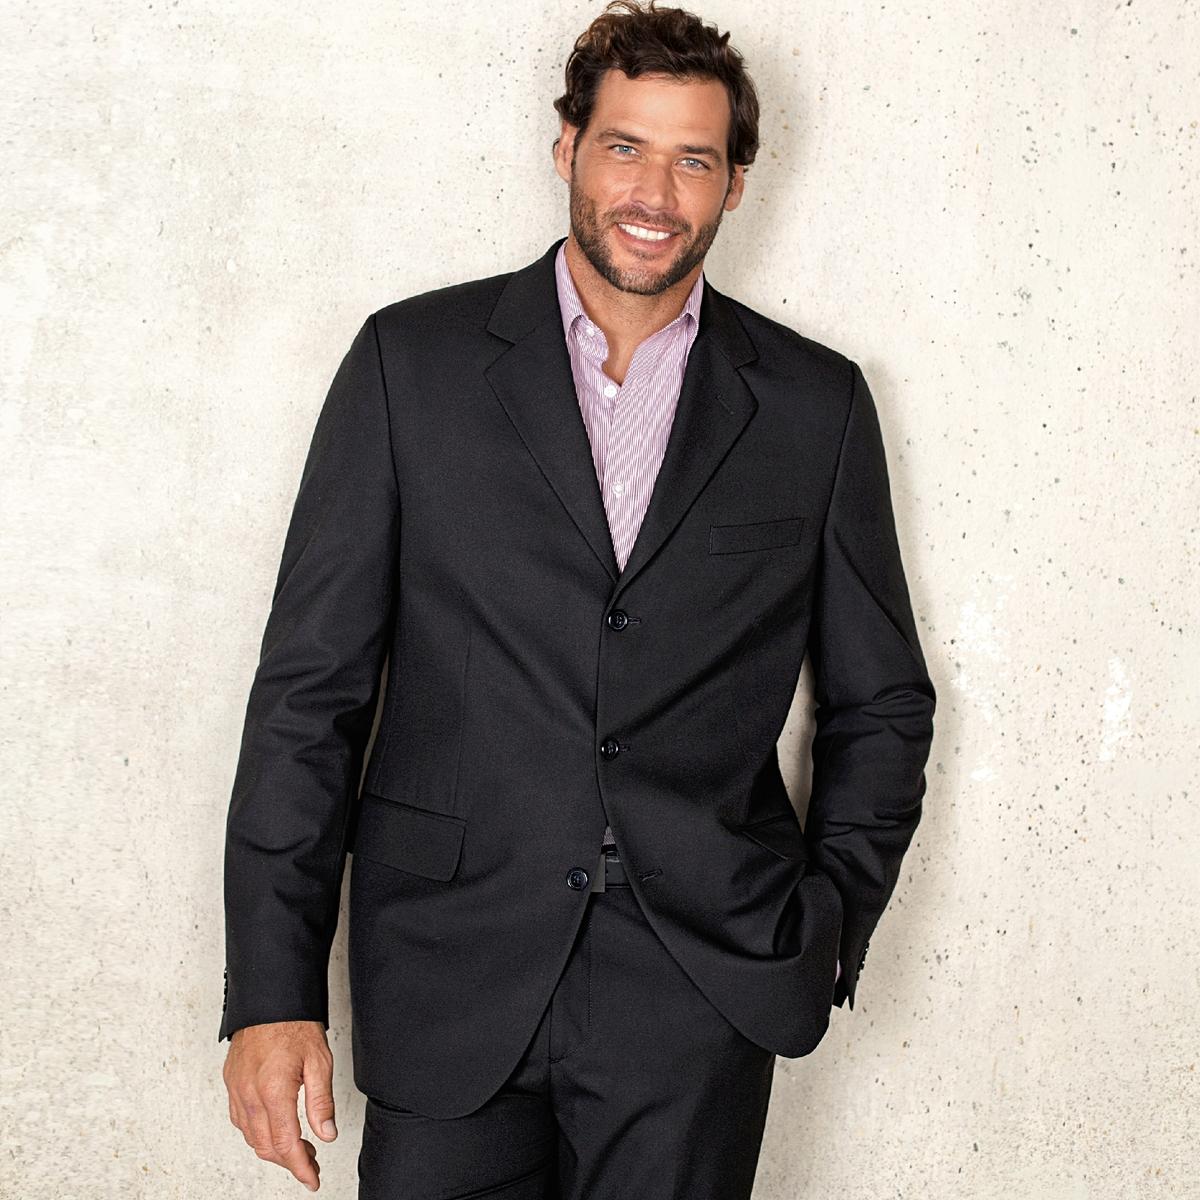 Брюки от костюма без защипов из ткани стретч, длина.2Брюки от костюма без защипов, длина 2. Высококачественная эластичная ткань, 62% полиэстера, 33% вискозы, 5% эластана. Подкладка 100% полиэстер. Длина 2 : при росте от 187 см.Можно носить как в сочетании с пиджаком, так и отдельно. Полнота пояса регулируется и подстраивается под любую морфологию. Застежка на молнию, пуговицу и крючок. 2 косых кармана. 1 прорезной карман с пуговицей сзади. Необработанный низ. Длина 2 : при росте от 187 см.- Длина по внутр.шву : 91,8-94,8 см, в зависимости от размера. - Ширина по низу : 21,4-27,4 см, в зависимости от размера. Есть также модель длины 1: при росте до 187 см. Есть также модель с защипами.<br><br>Цвет: антрацит,темно-синий,черный<br>Размер: 48 (FR) - 54 (RUS).52 (FR) - 58 (RUS).58.64.48 (FR) - 54 (RUS).58.54